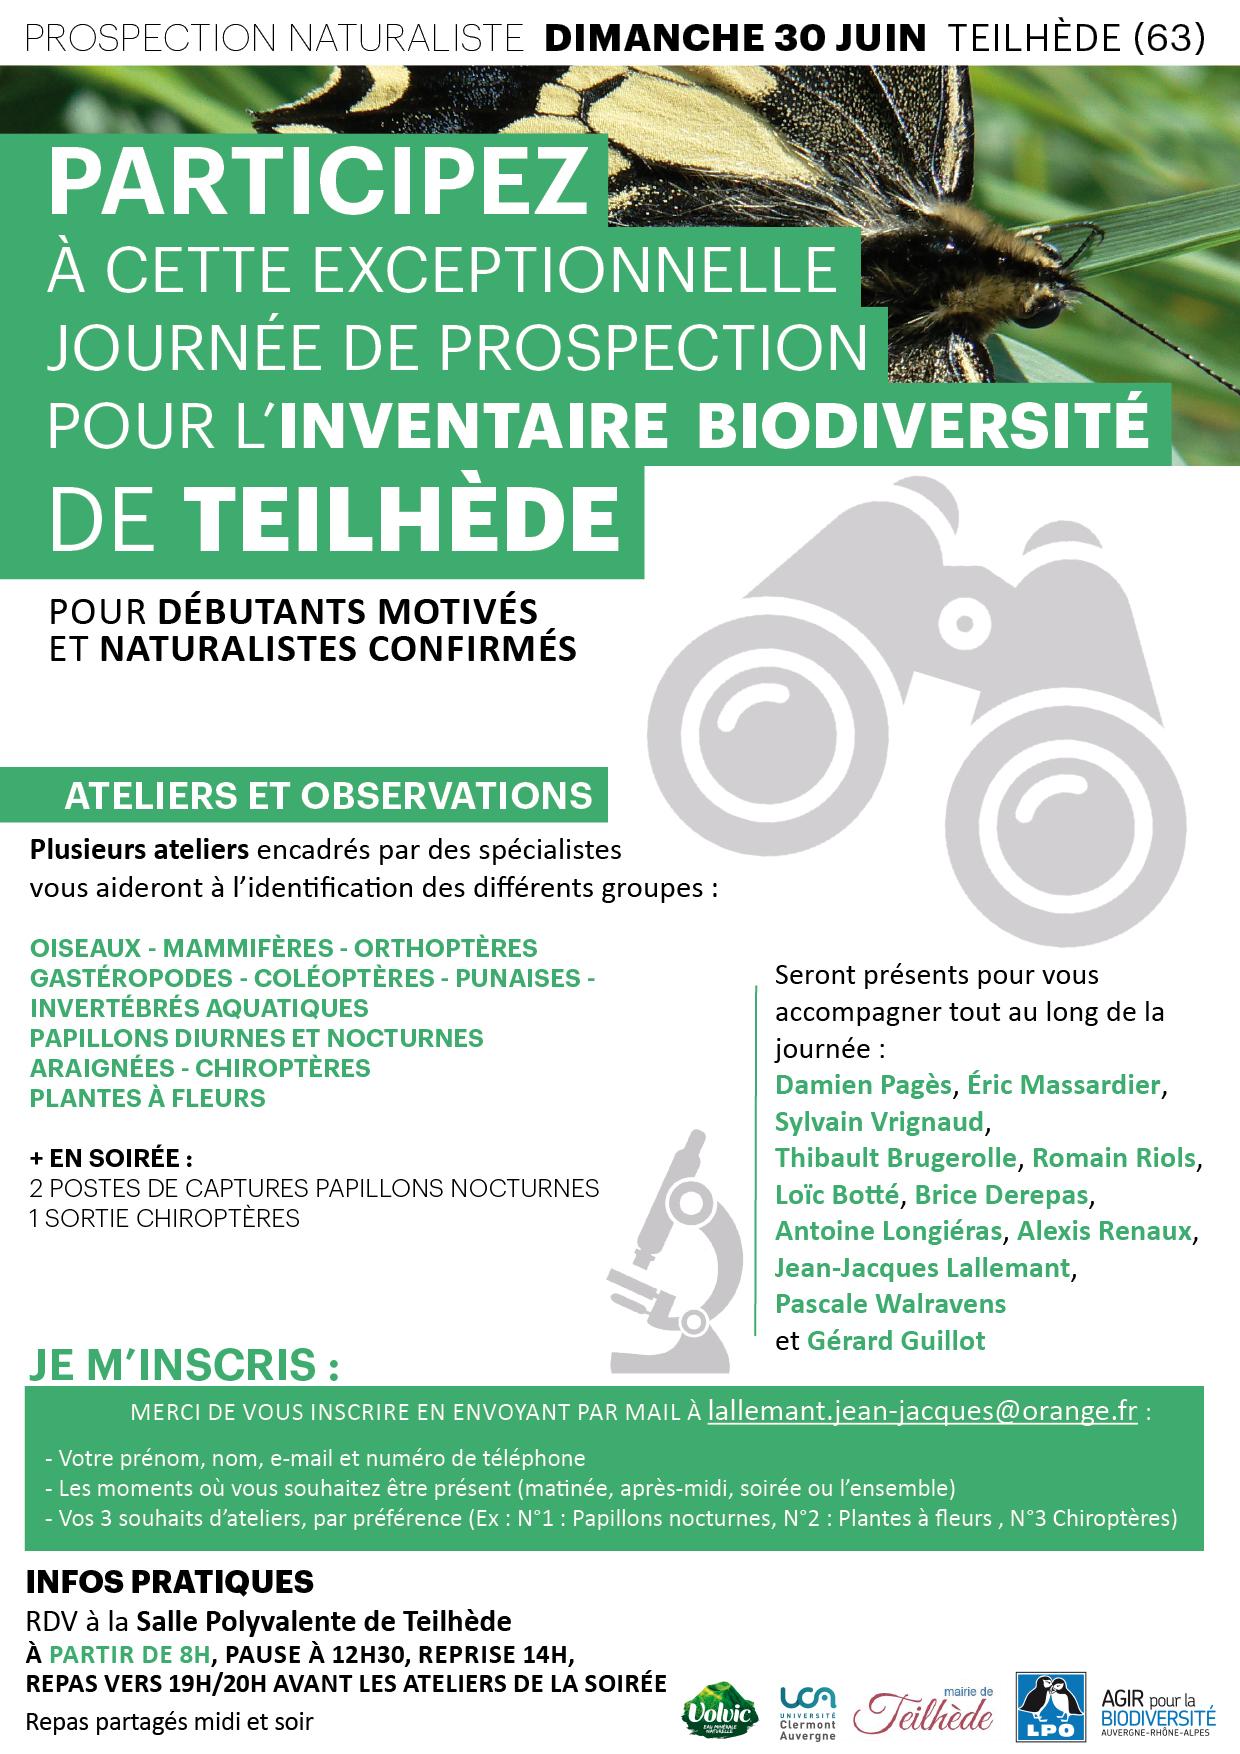 http://files.biolovision.net/www.faune-auvergne.org/userfiles/JournebiodiversitTeilhde-30juinmoyennedf_1.jpg